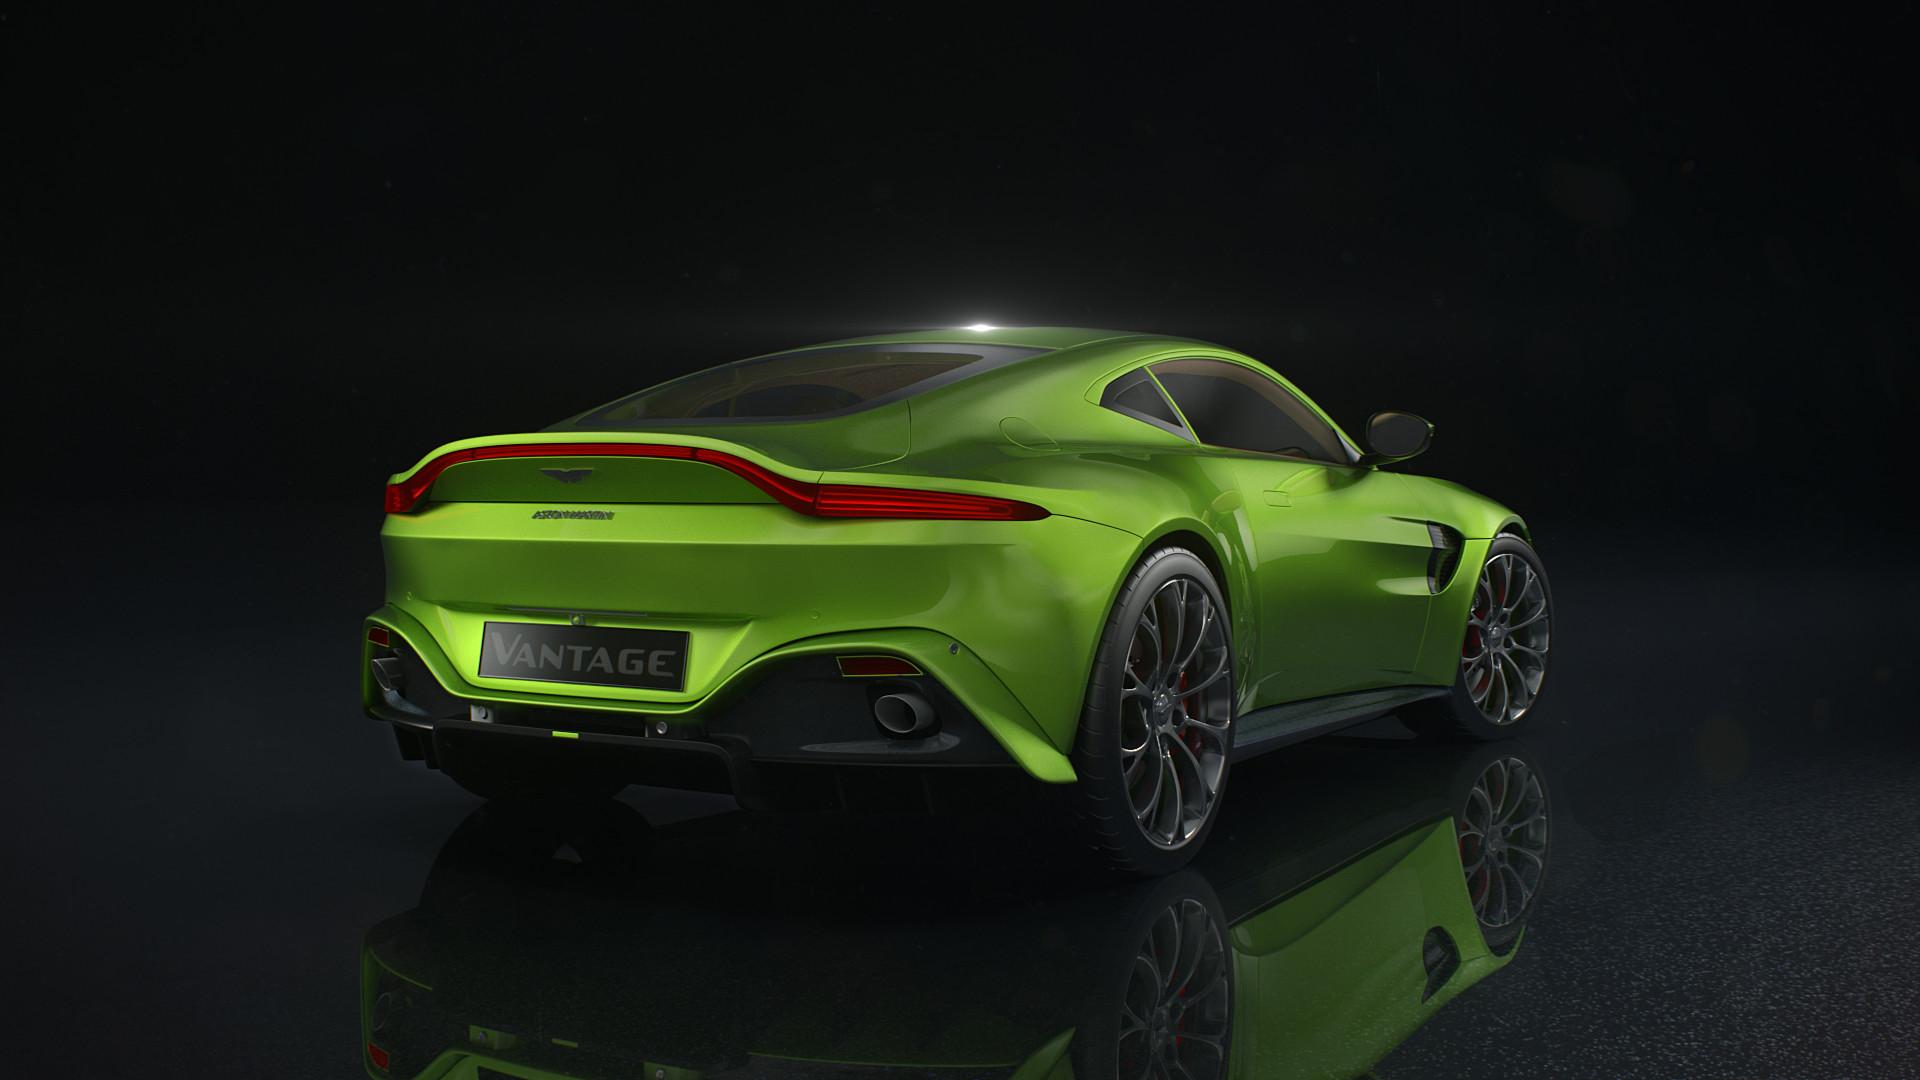 Simo Kettunen Aston Martin Vantage Rendering